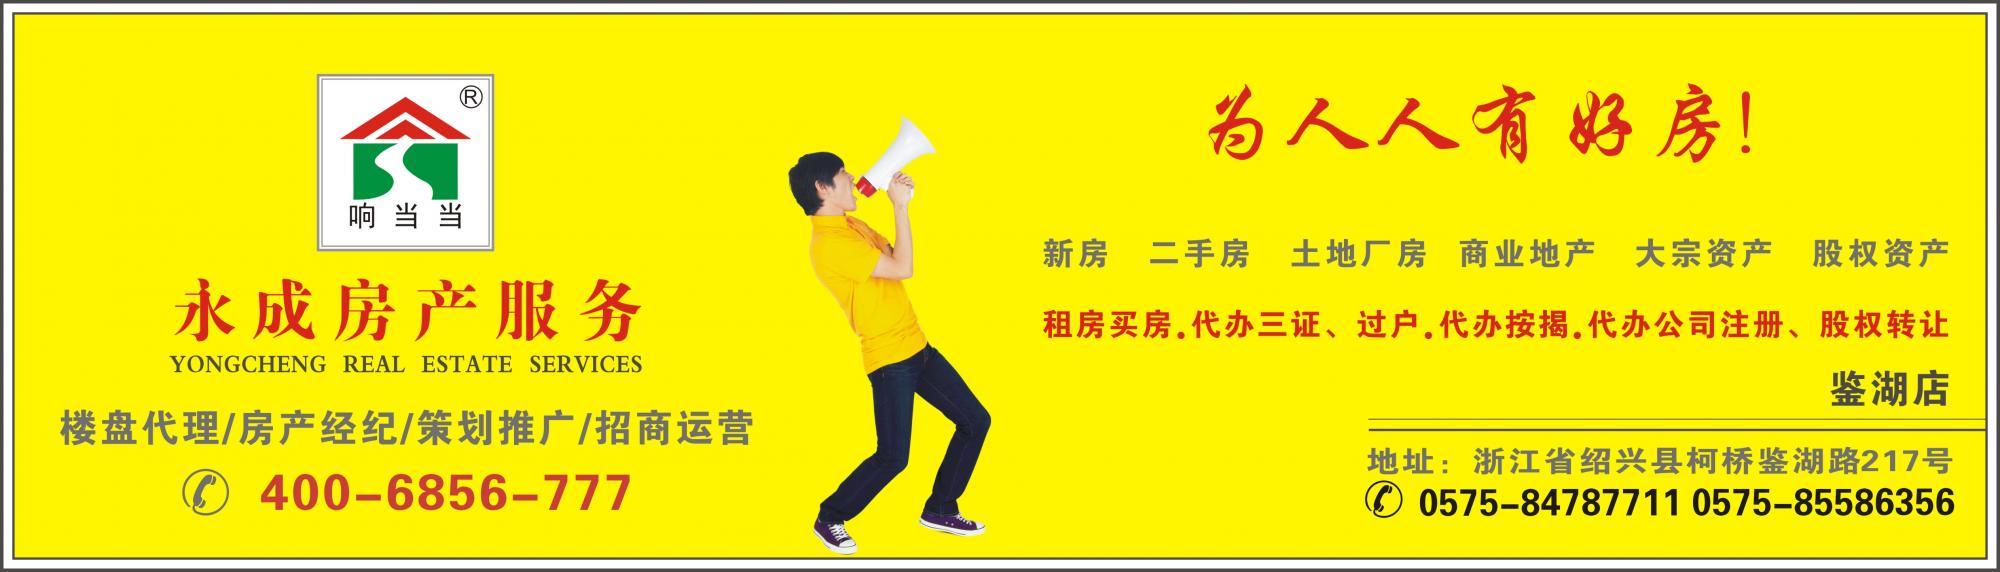 绍兴县永成房产服务有限公司